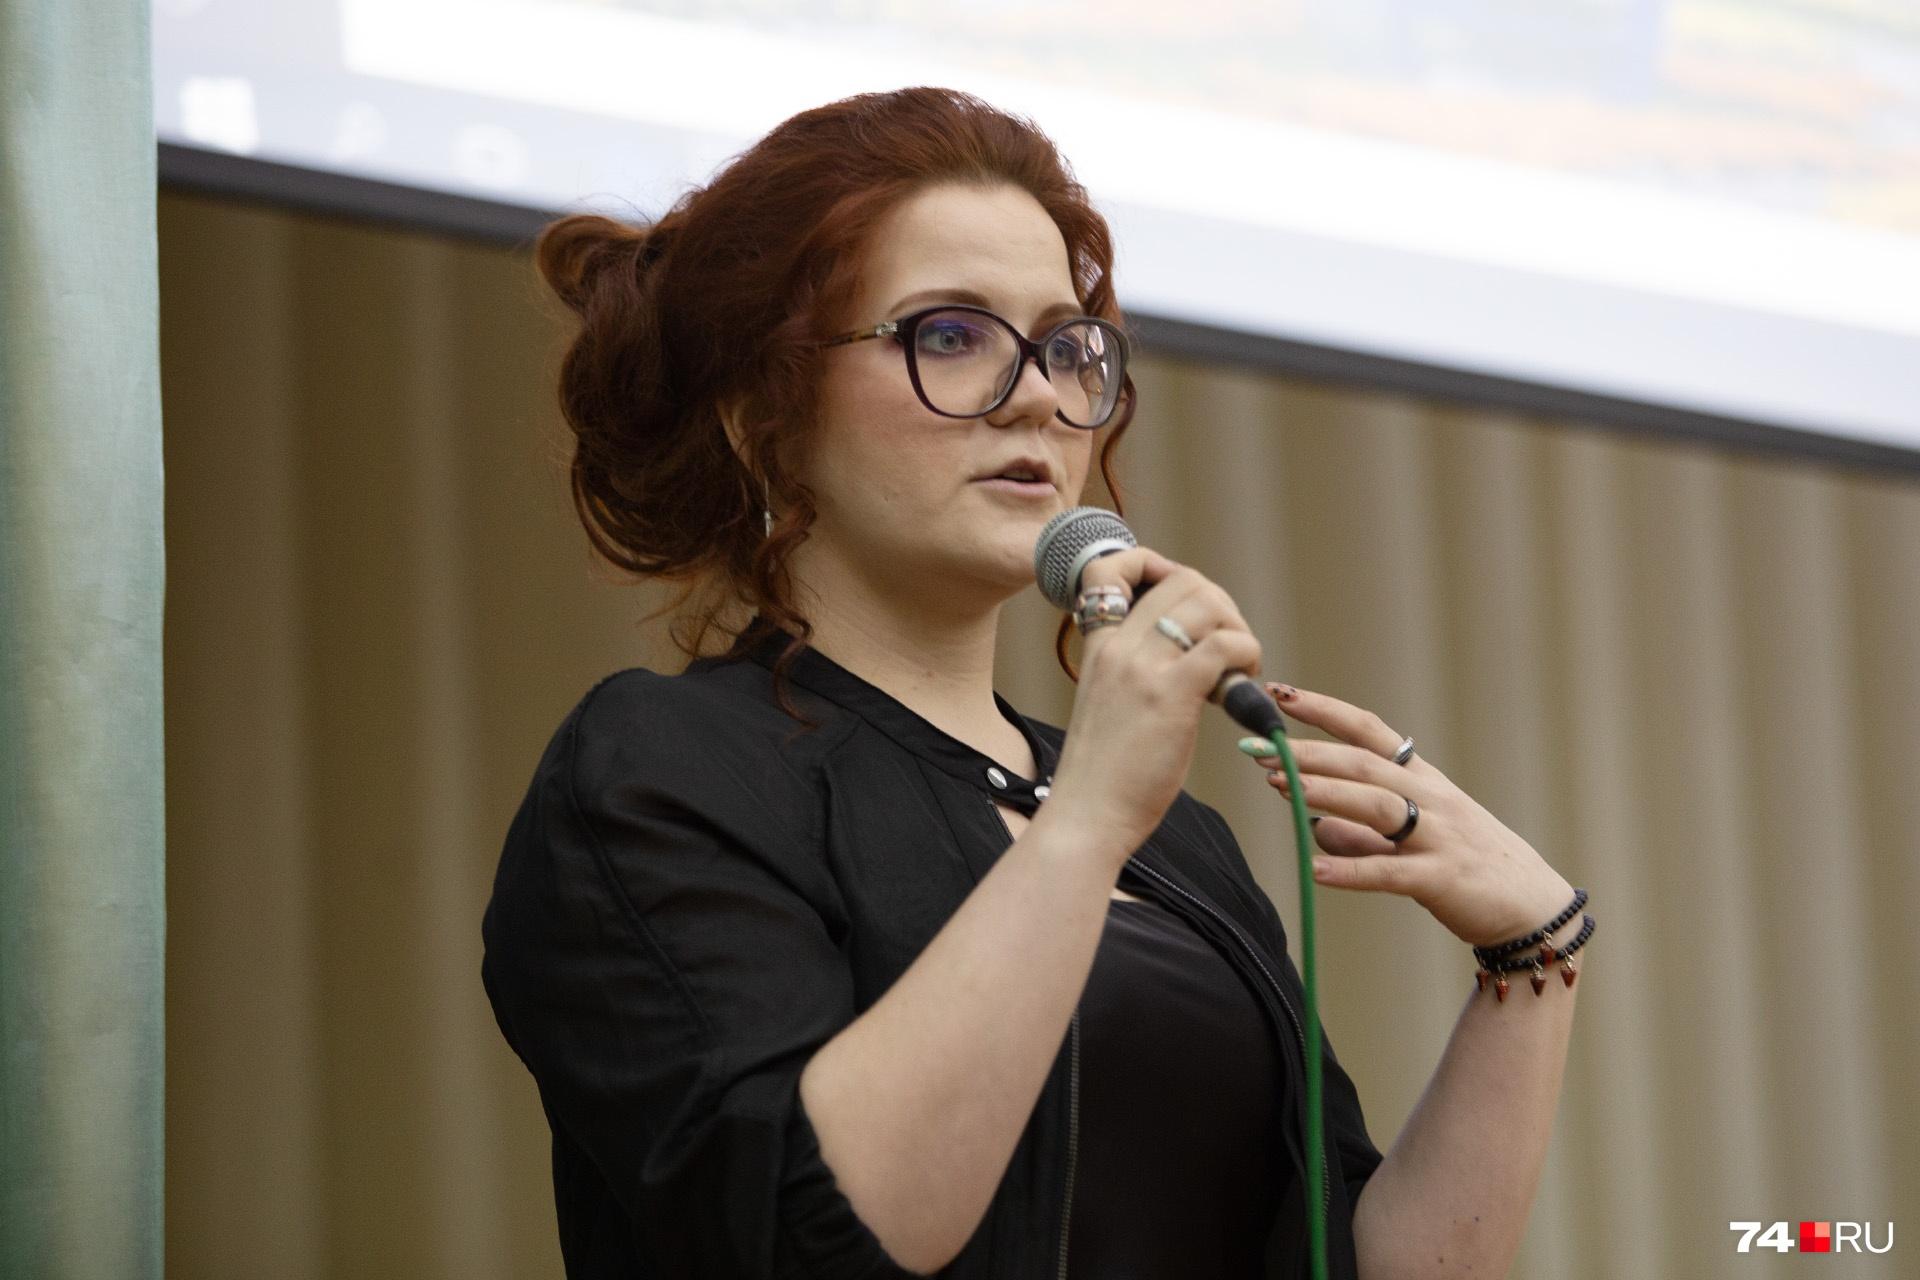 Несмотря на выкрики аудитории, Ольга Никитина держалась очень уверенно